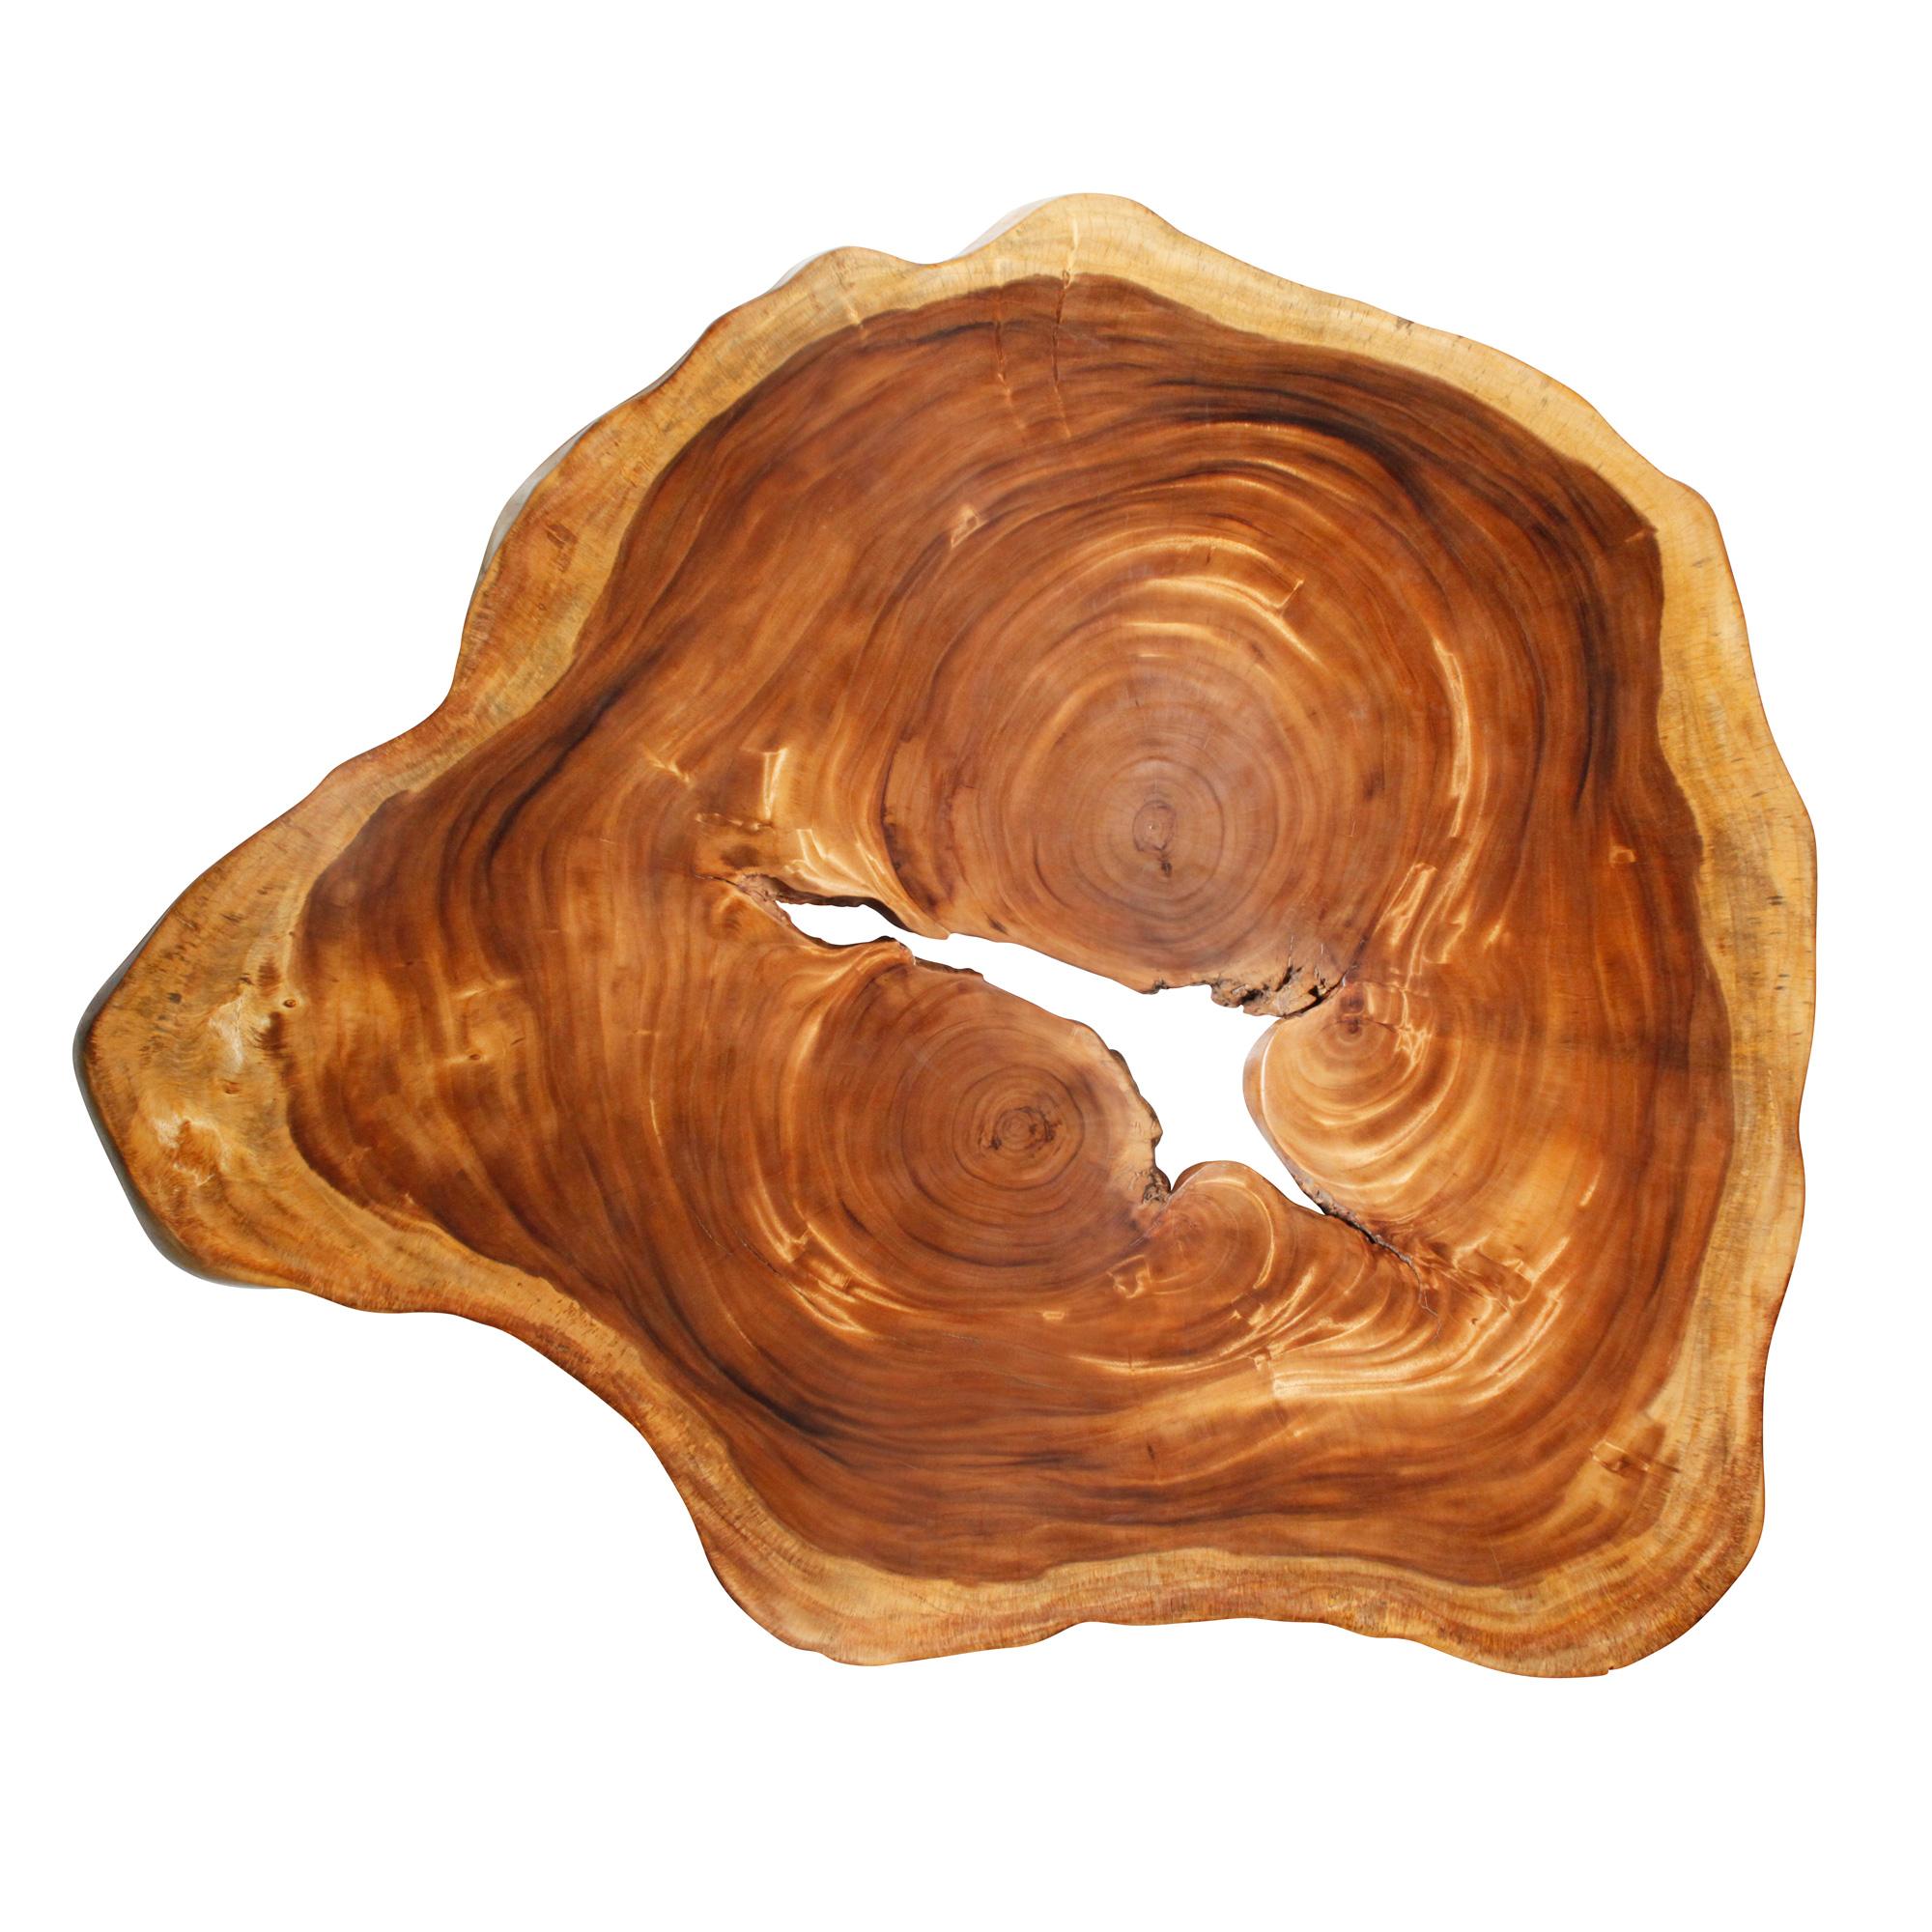 Saman Natural Wood Art - RG4